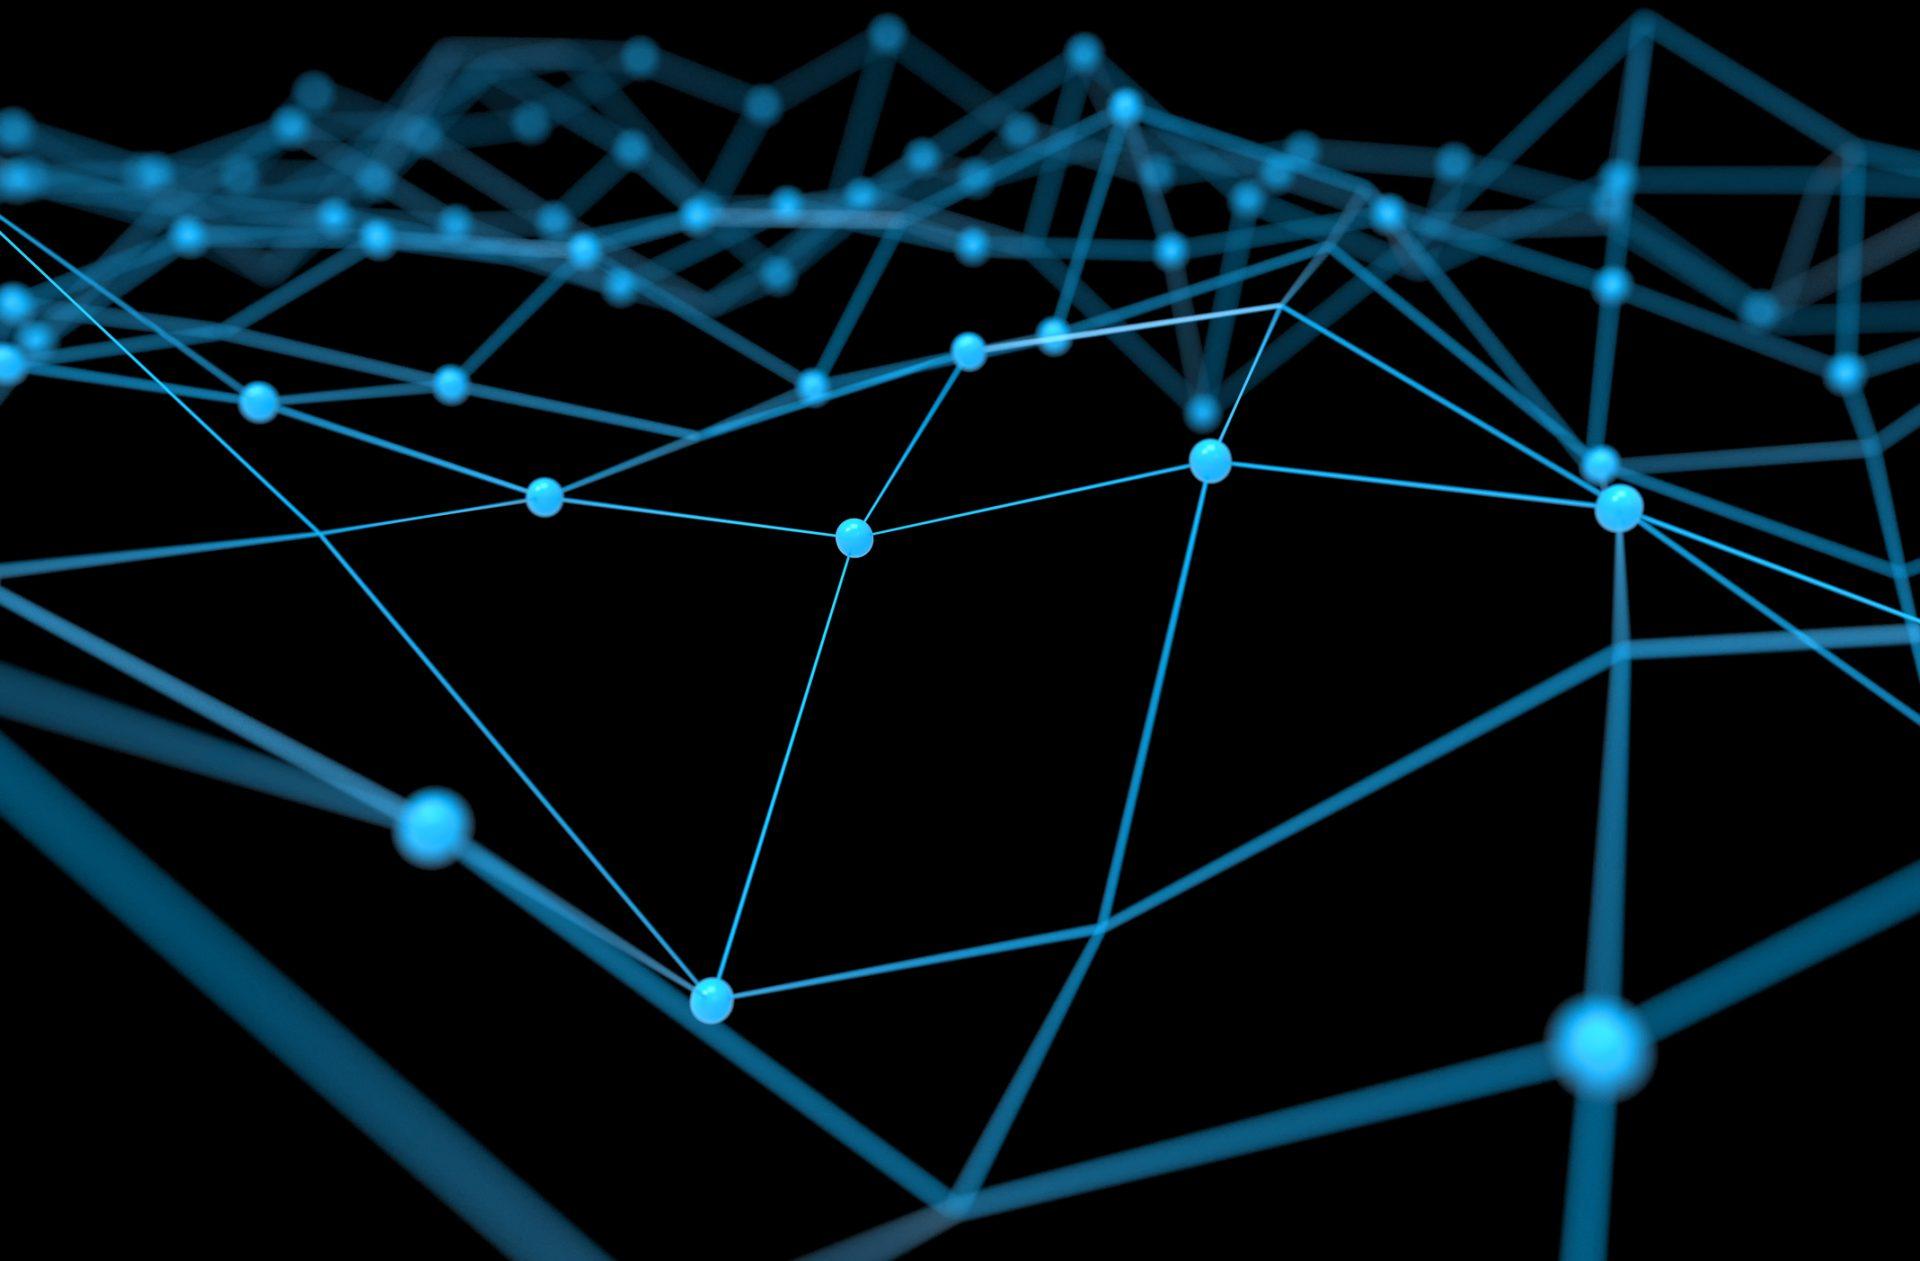 MinTIC publica el borrador de la Guía para implementar proyectos de Blockchain en el sector público